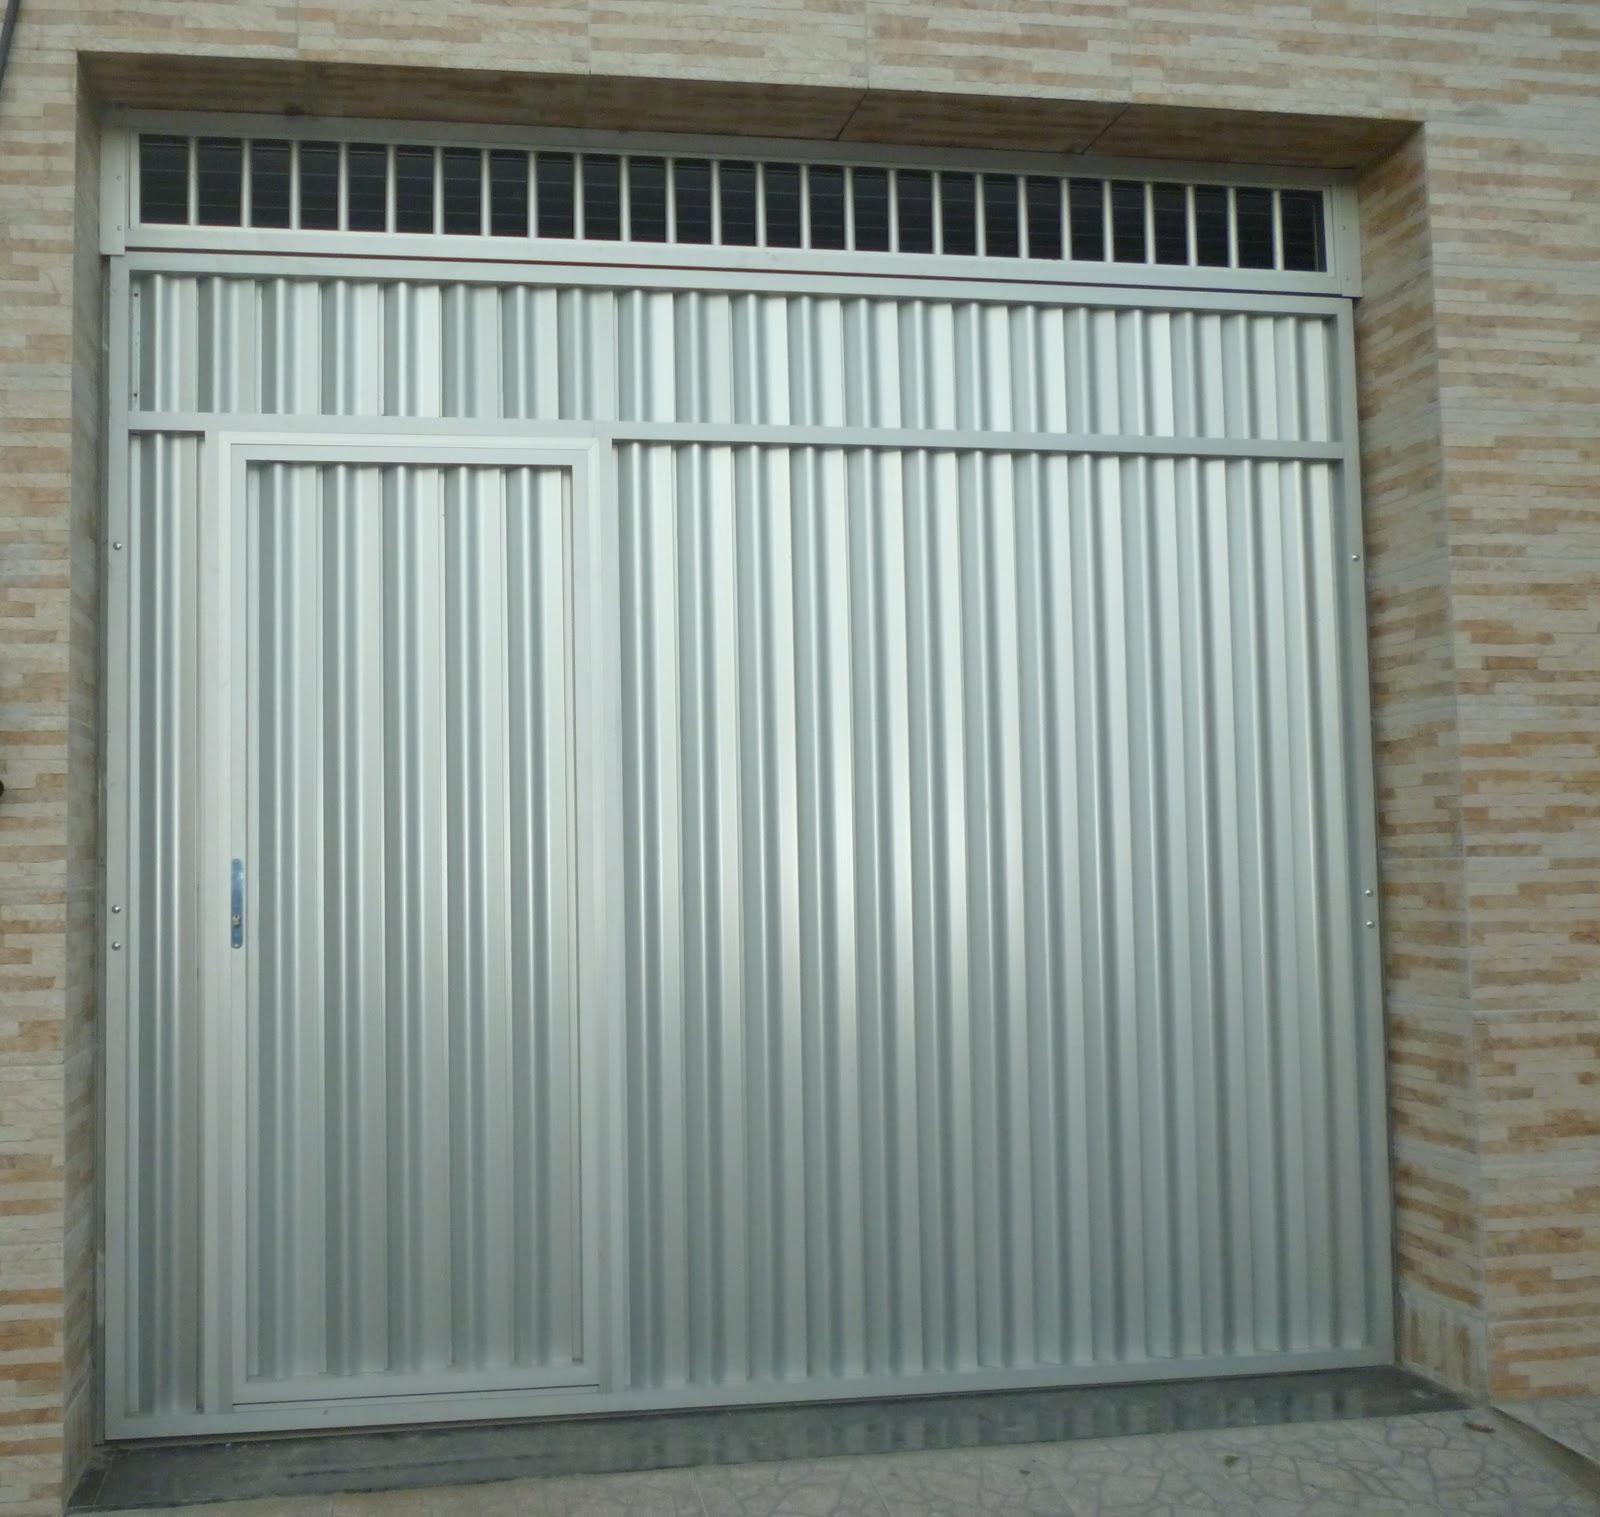 #59513E  BASCULANTE ALUMÍNIO FOSCO COM PORTA EMBUTIDA E BANDEIRA VAZADA 1142 Portas E Janelas De Aluminio Telha Norte